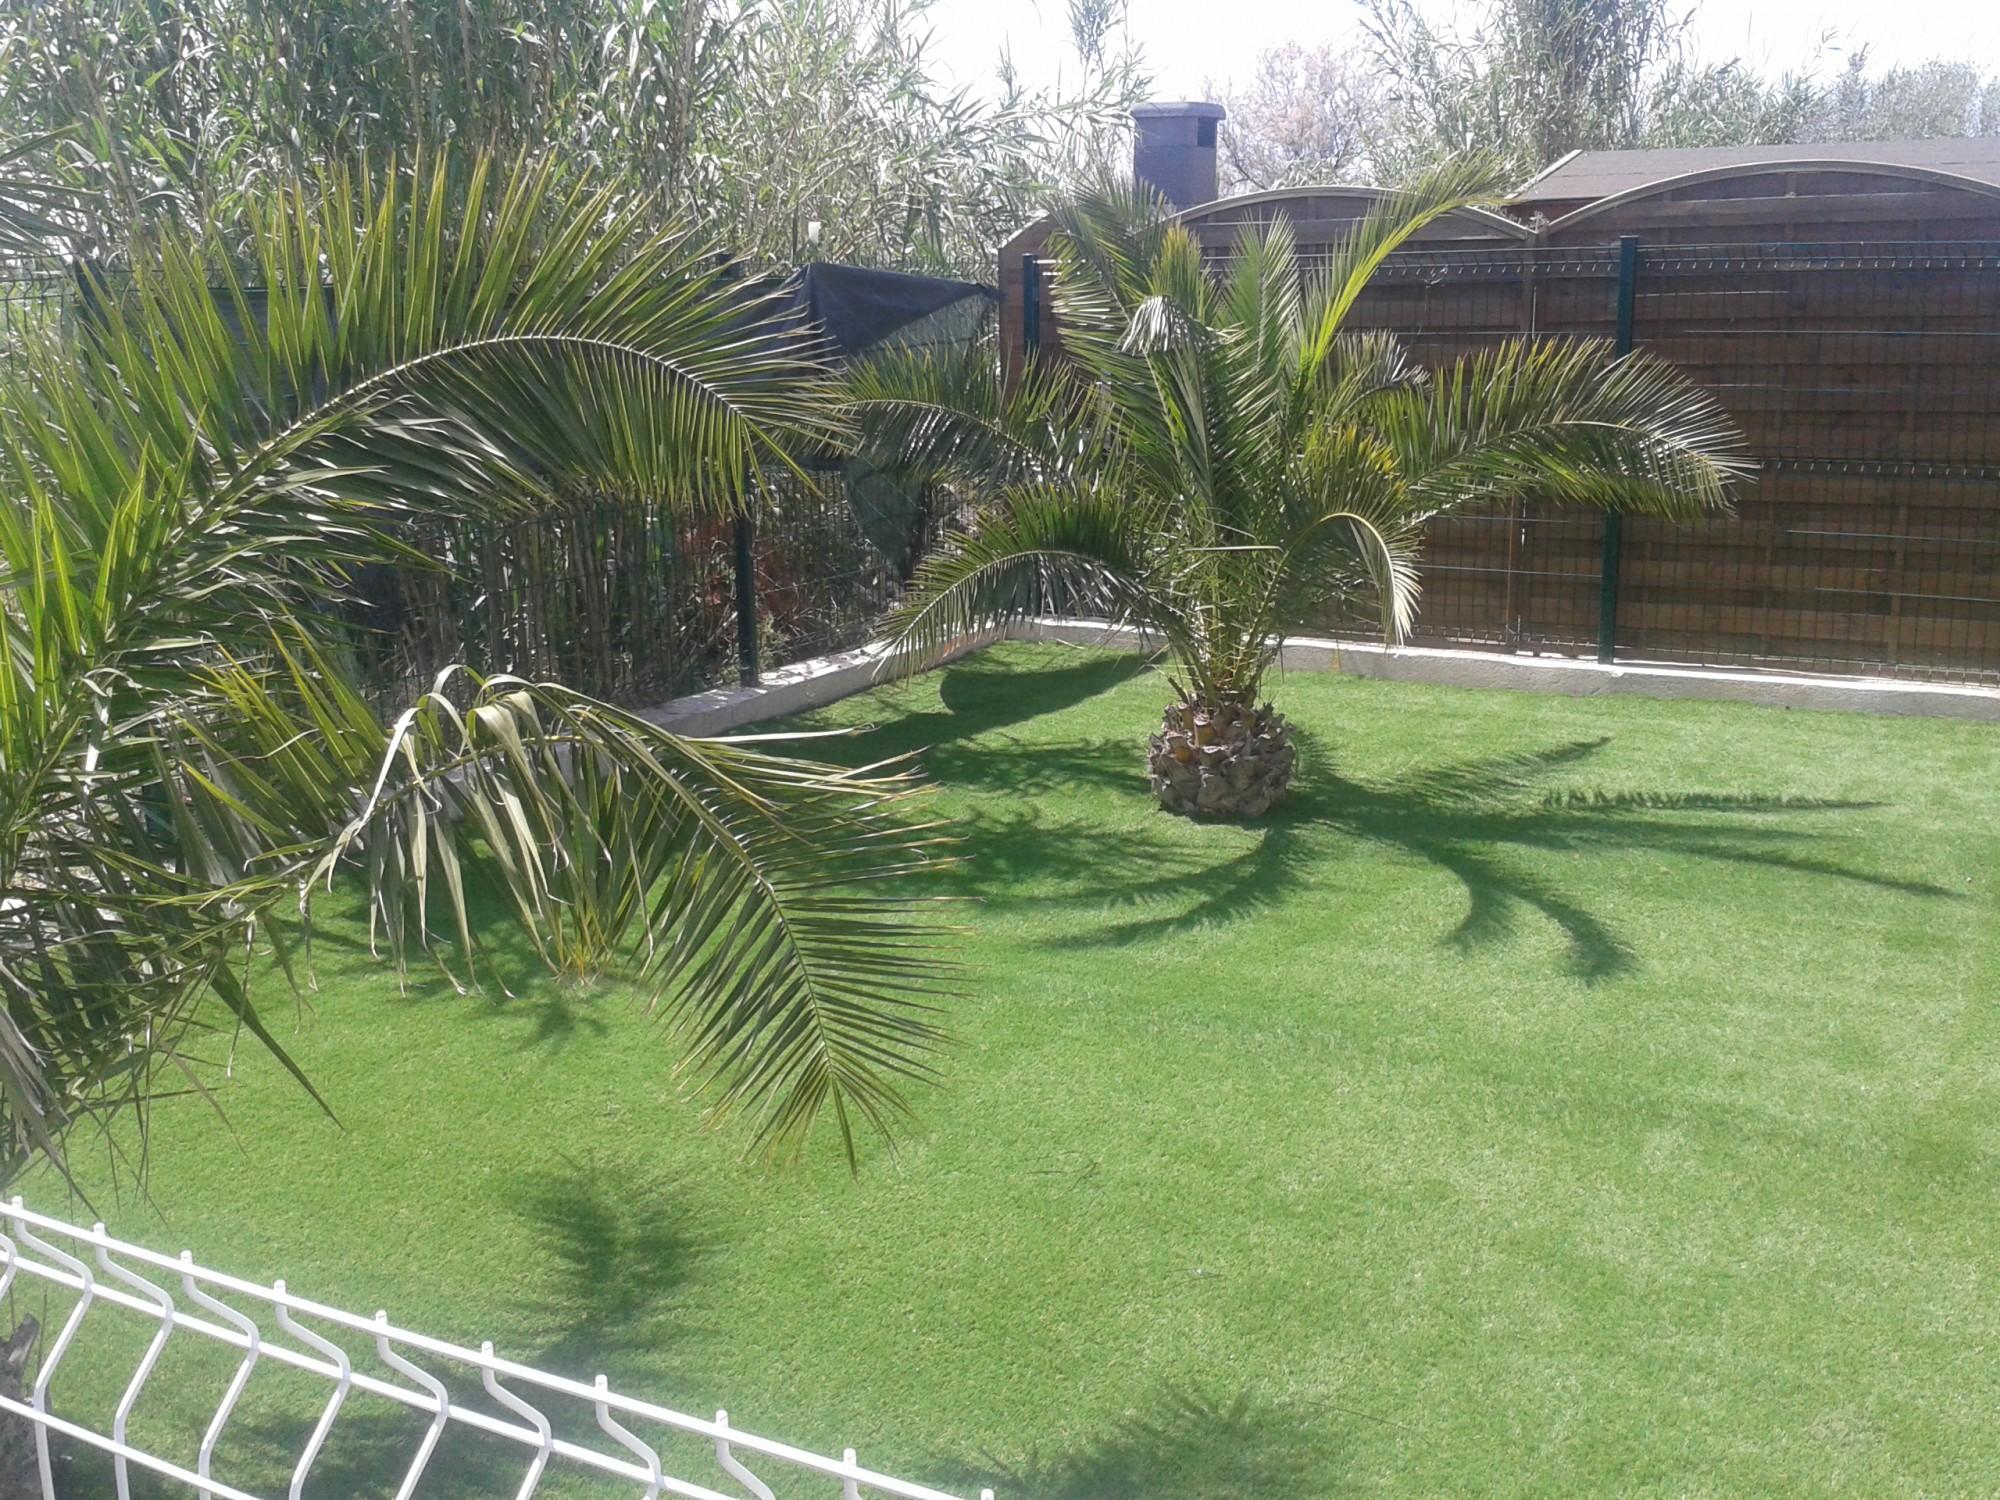 pose d 39 un gazon synth tique dans le var 100 m dans un jardin toulon 83 gazon et pelouse. Black Bedroom Furniture Sets. Home Design Ideas